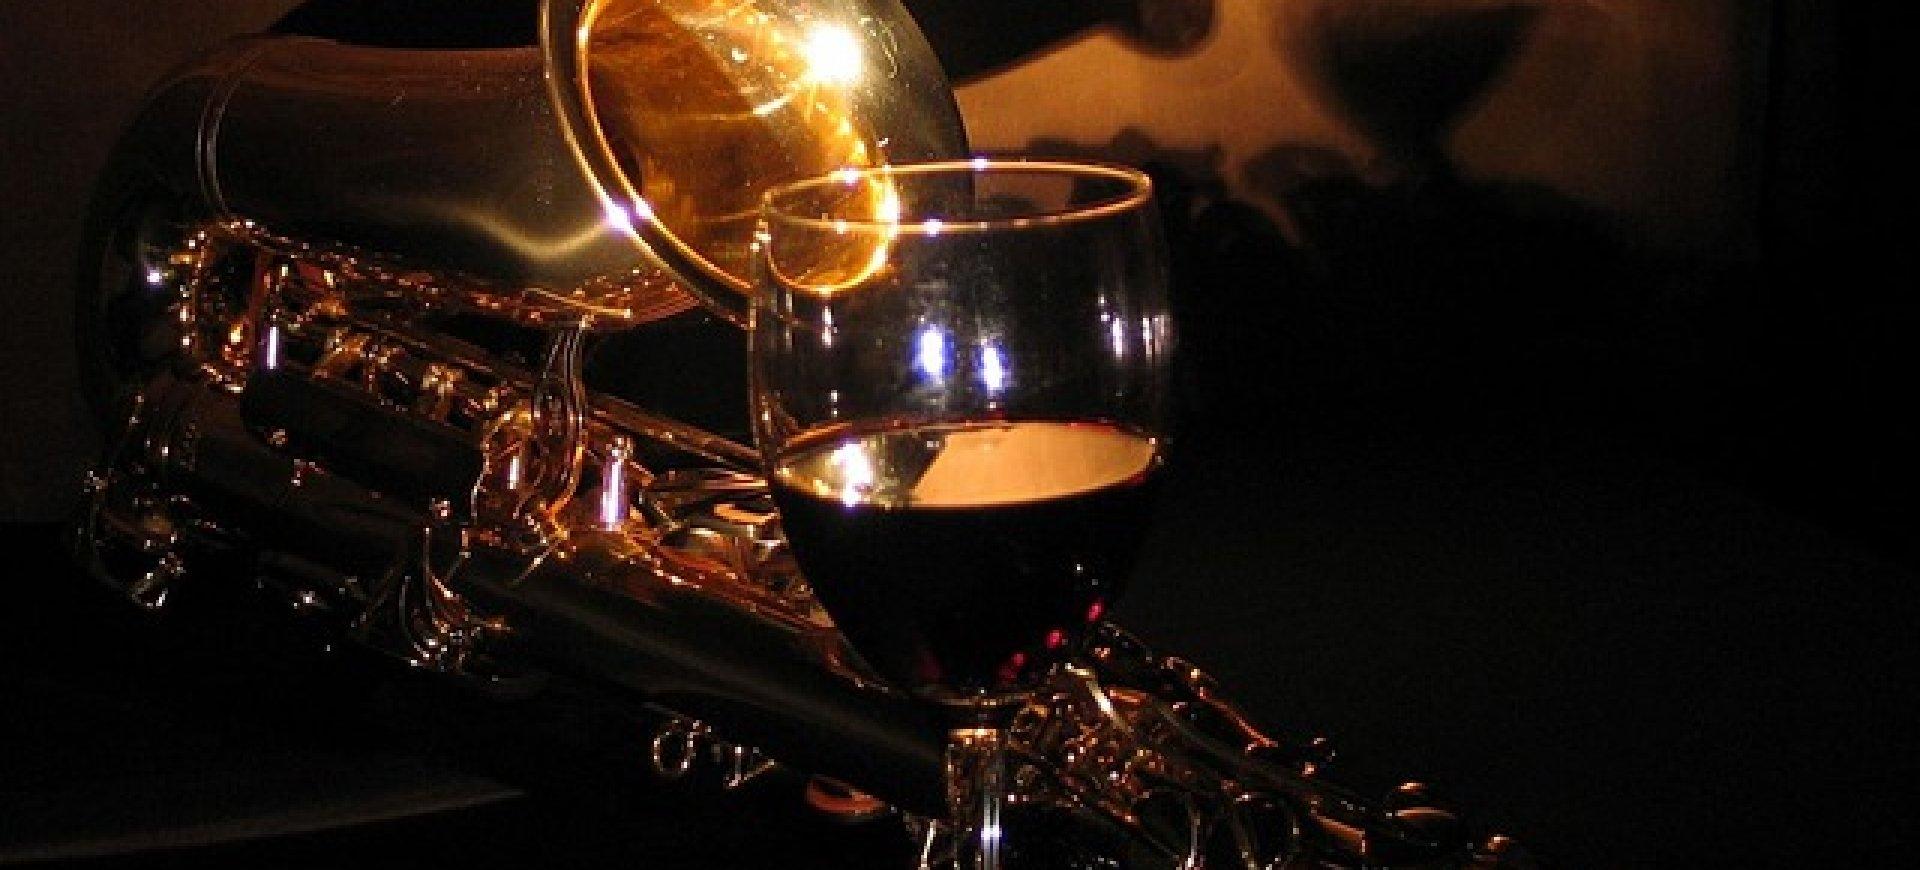 Wine & Jazz 26.10.2019 - kolacja 149pln/osoby